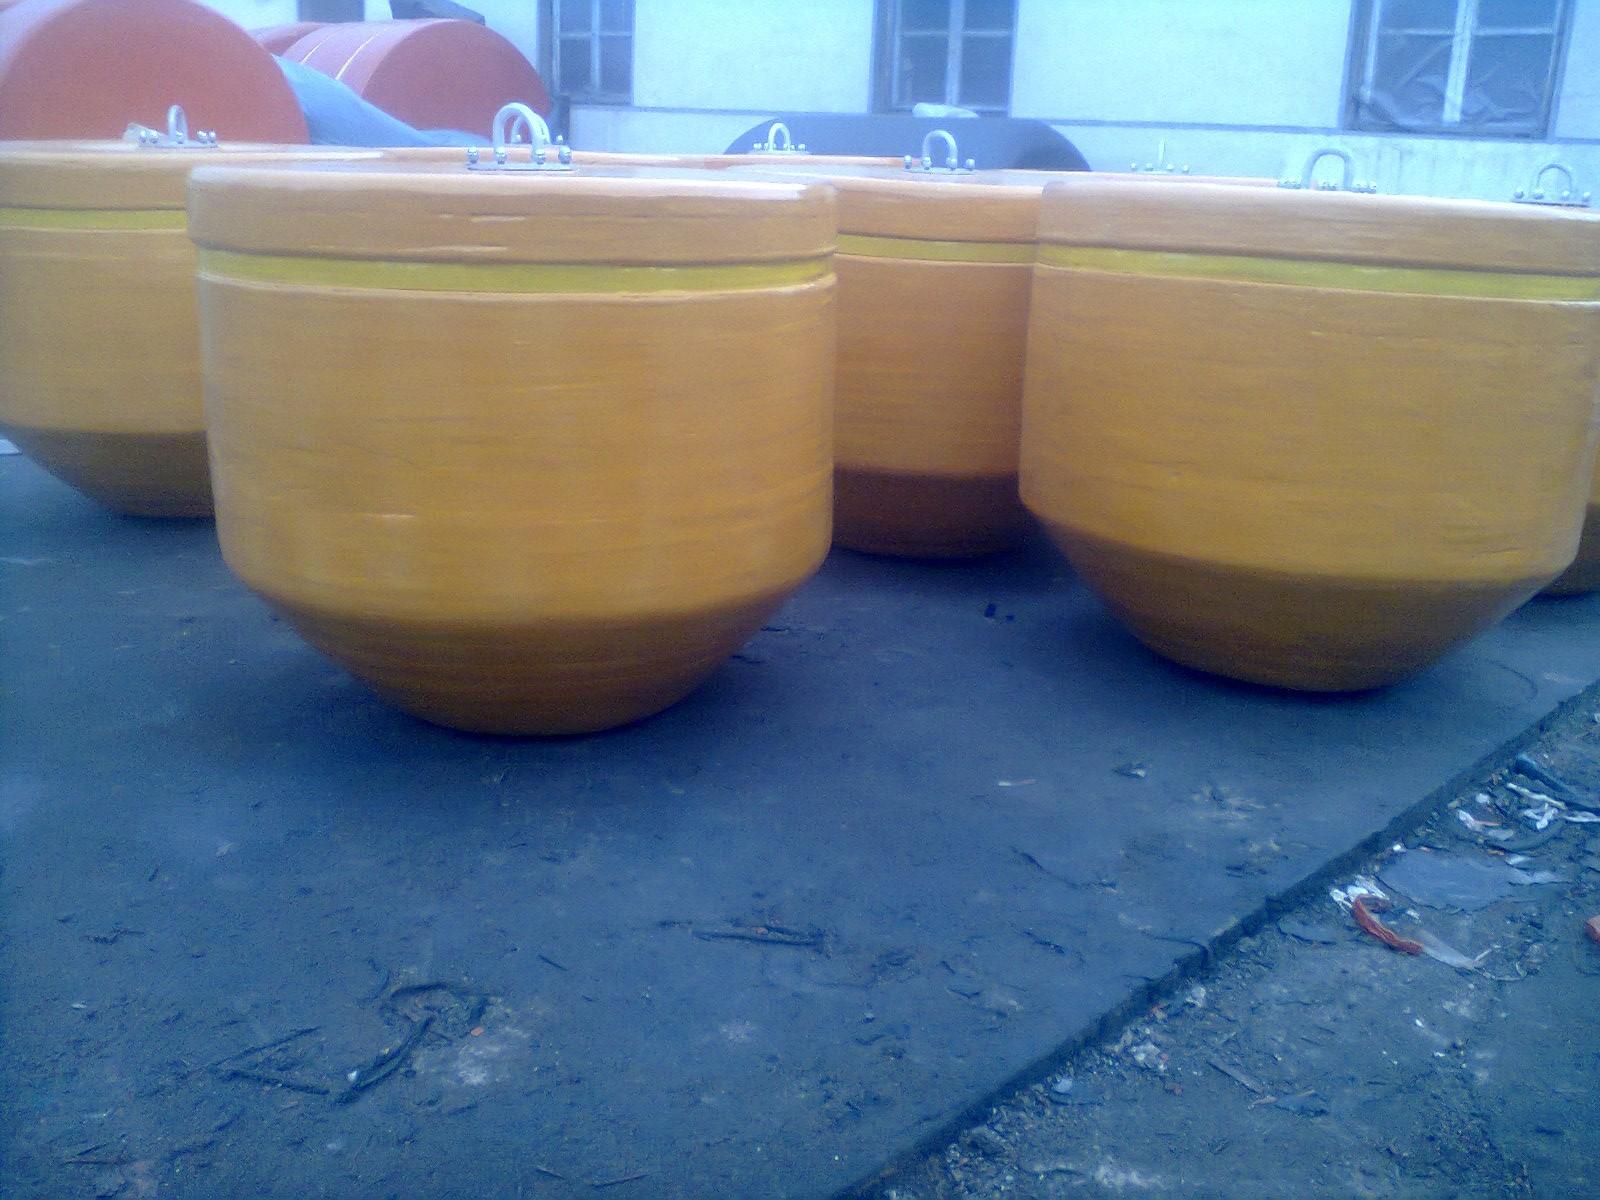 купить Судовые резиновые понтоны,Судовые резиновые понтоны цена,Судовые резиновые понтоны бренды,Судовые резиновые понтоны производитель;Судовые резиновые понтоны Цитаты;Судовые резиновые понтоны компания